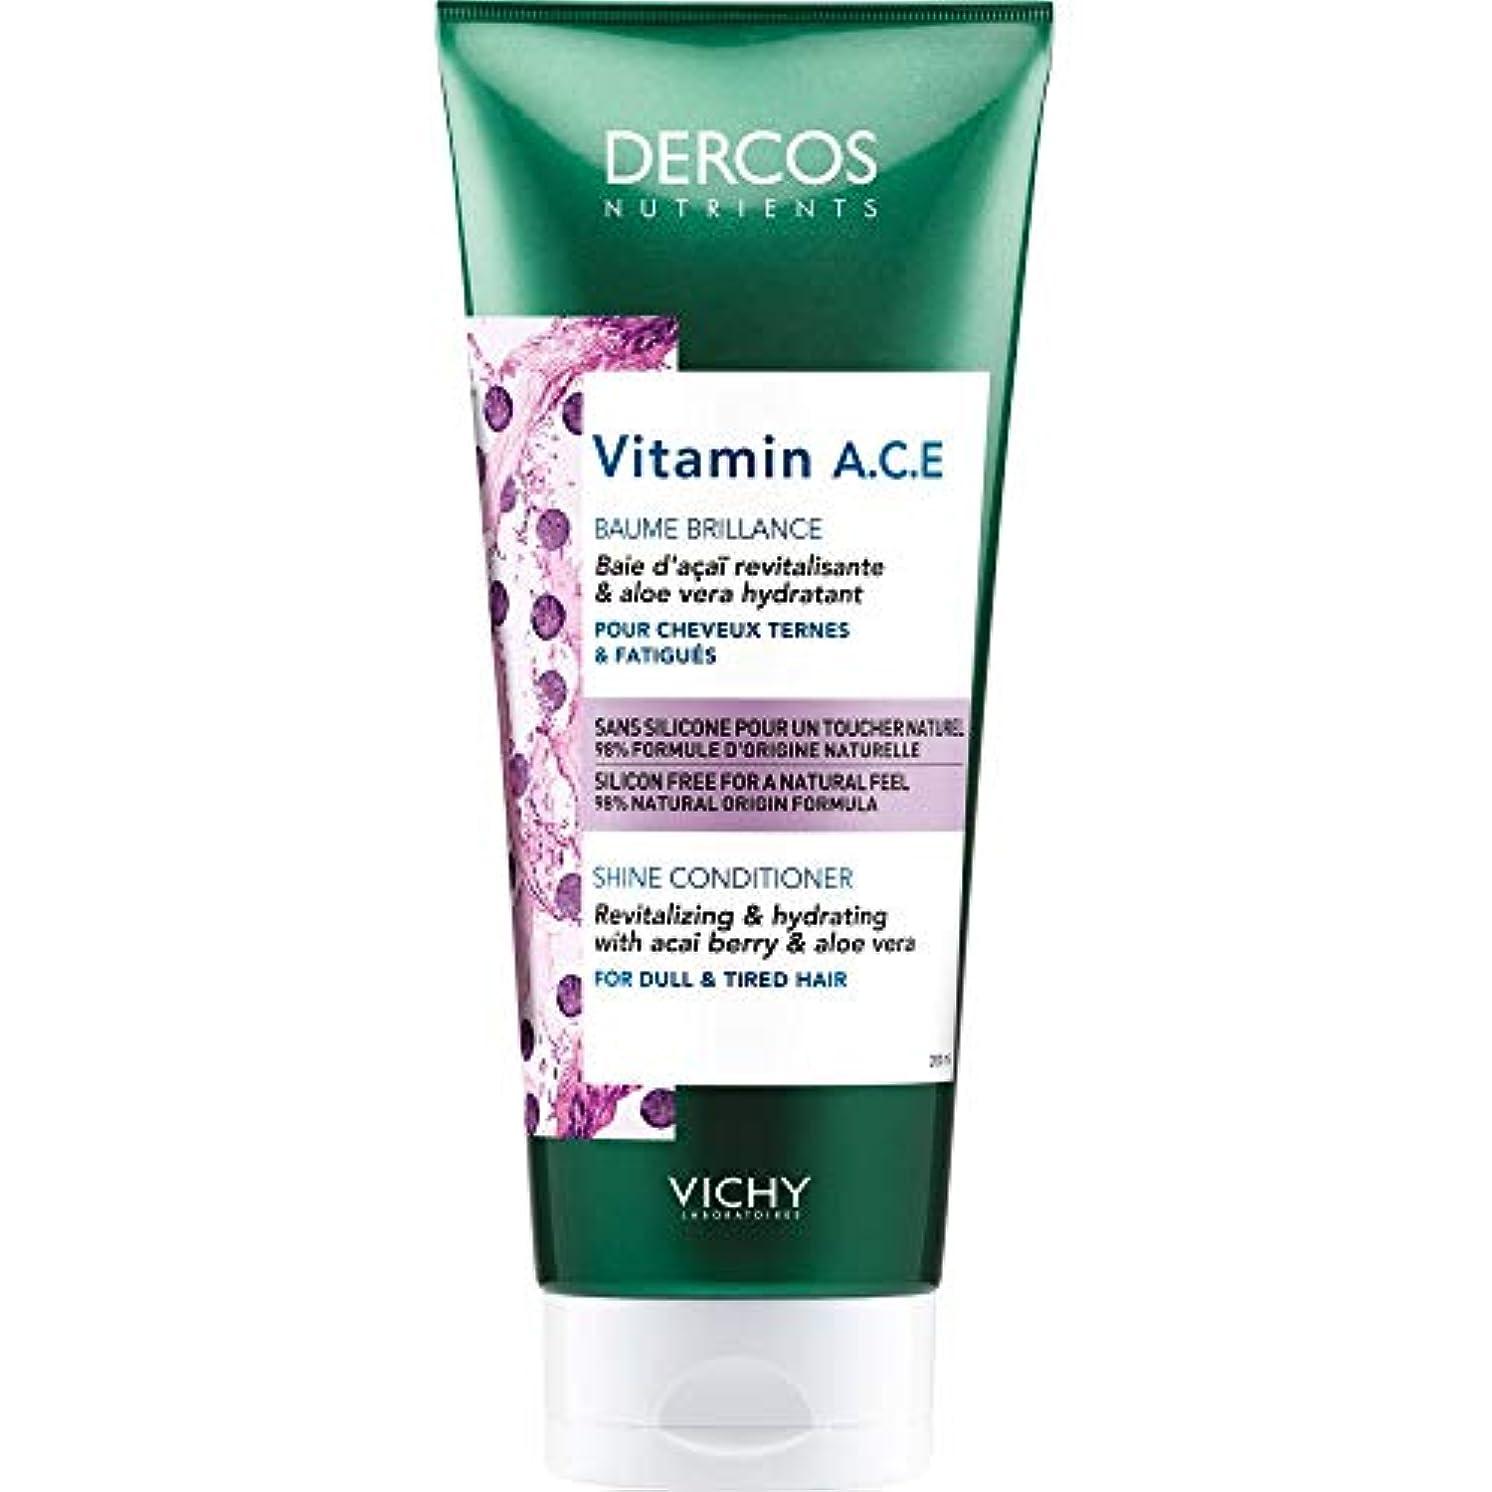 薄暗いアクチュエータマグ[Vichy ] 栄養素のビタミンA.C.E輝きコンディショナー200Ml Dercosヴィシー - Vichy Dercos Nutrients Vitamin A.C.E Shine Conditioner 200ml...